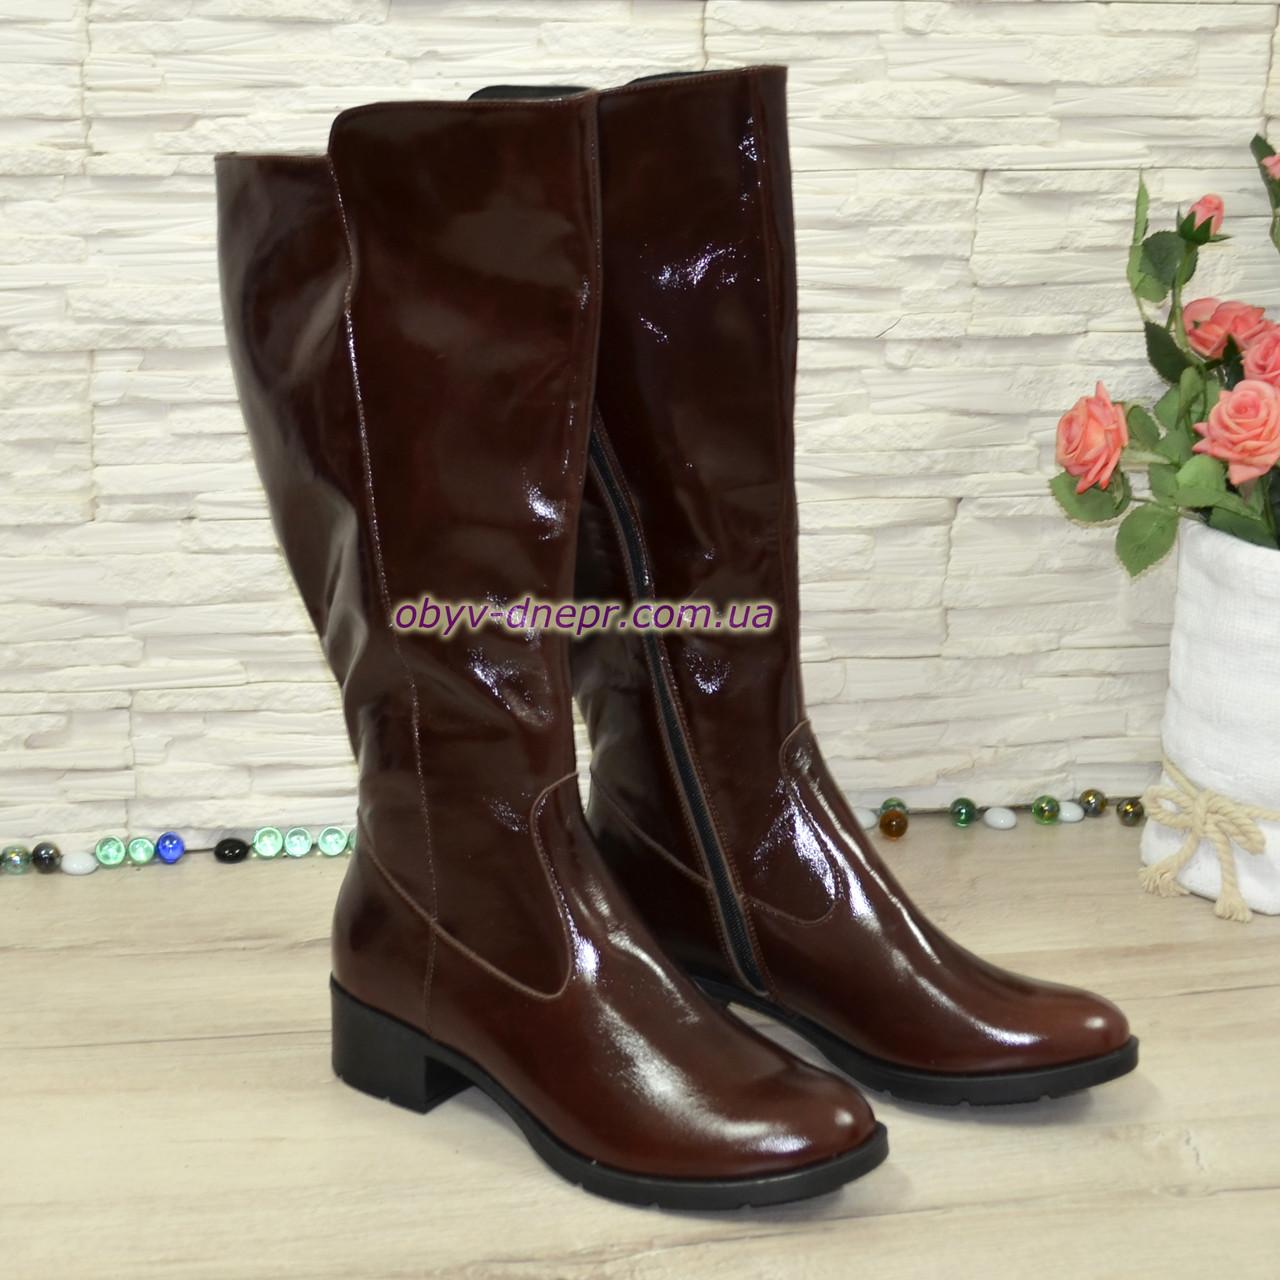 Сапоги женские кожаные демисезонные на невысоком каблуке, цвет коричневый